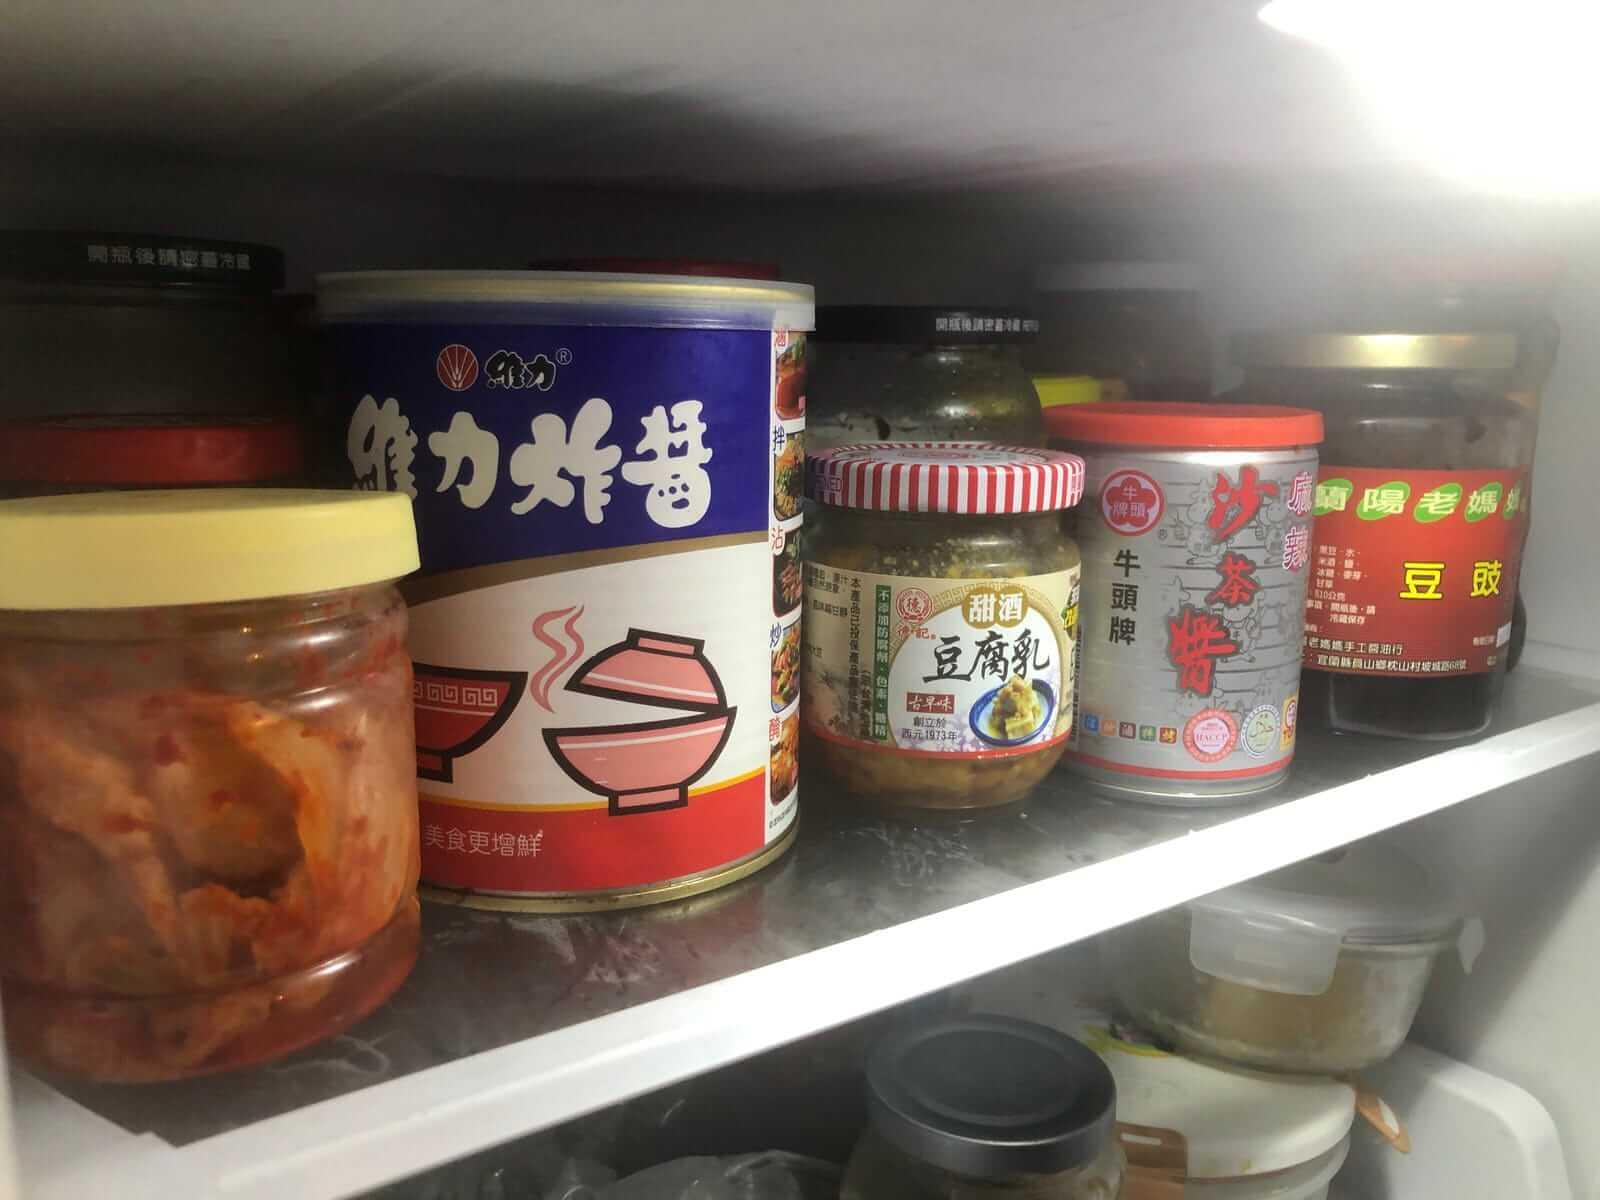 在印度生活,不能太淡也不能太濃的臺灣味